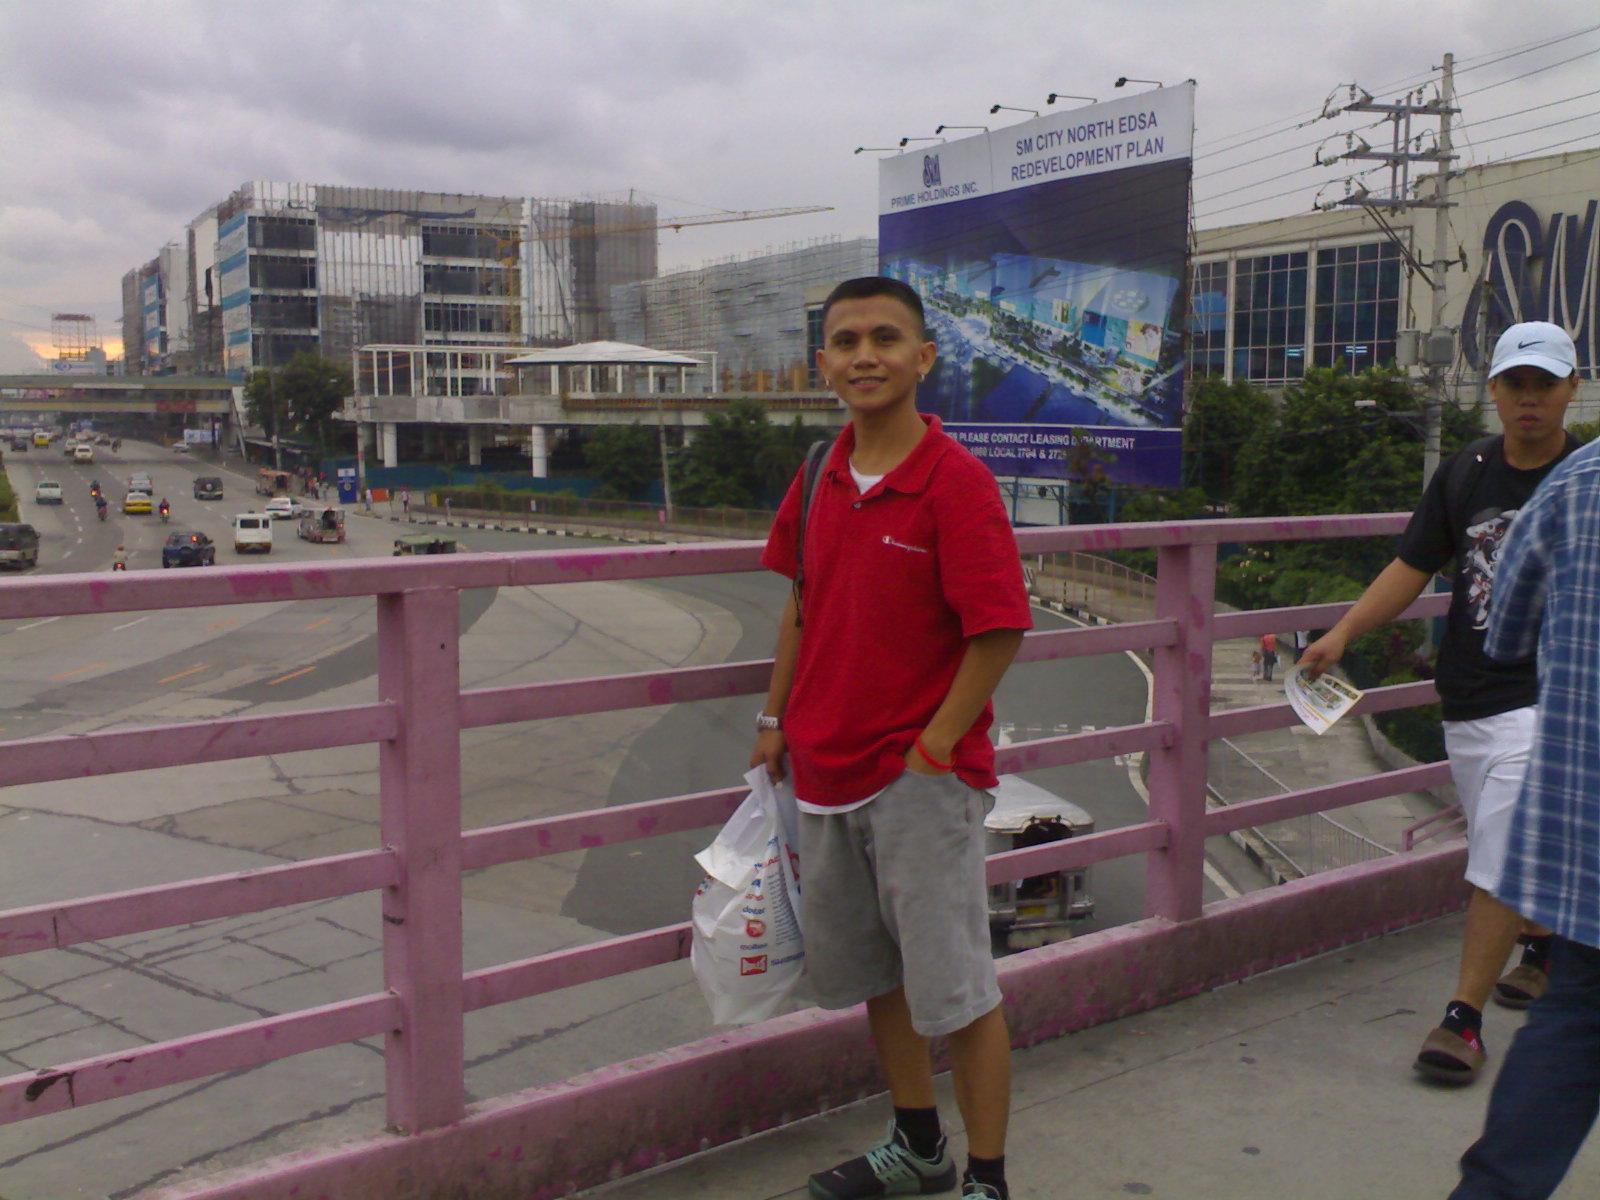 Taken in 2008